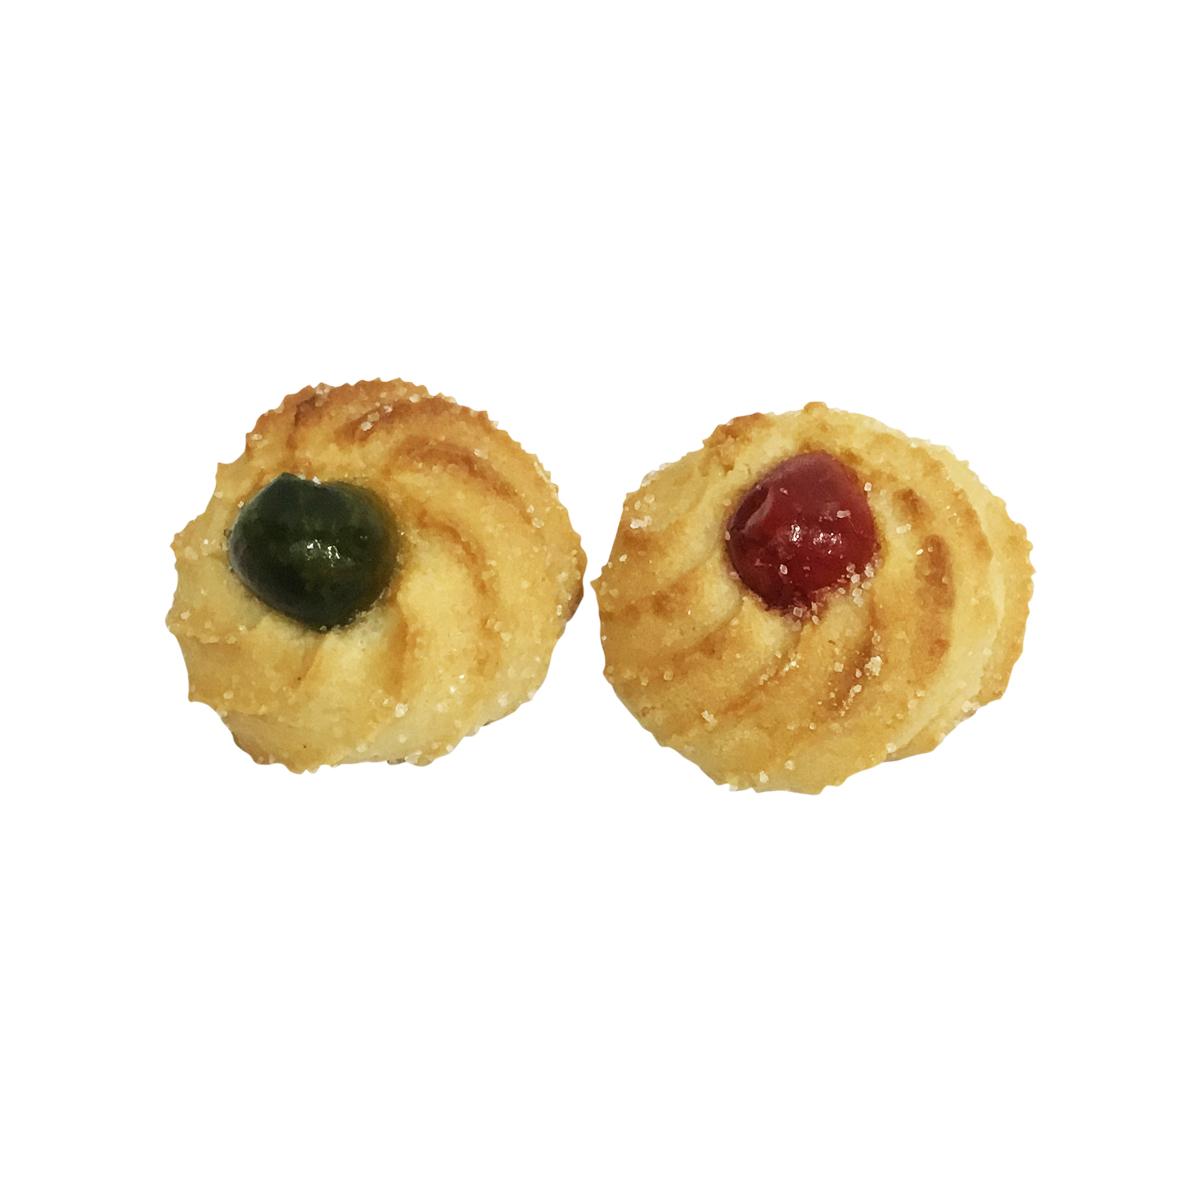 Pastine (Gluten Free-Almond Biscuit)